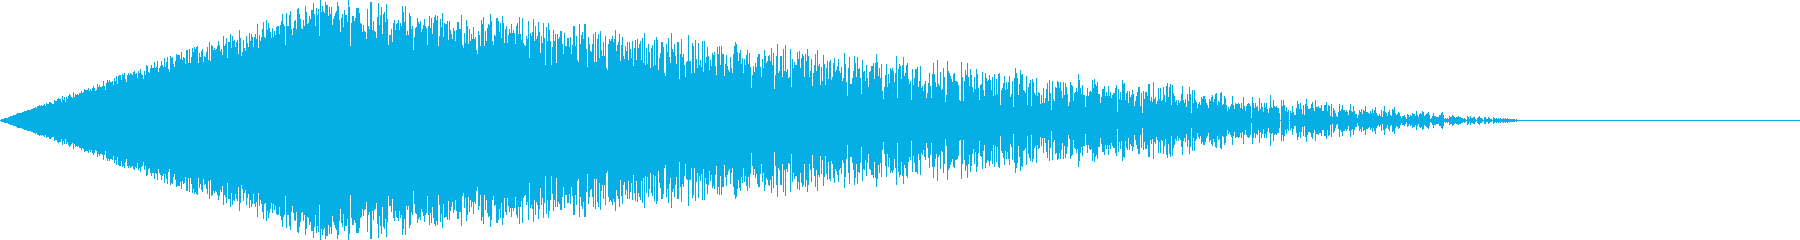 [シュワー]シューティング/ワープ01の再生済みの波形